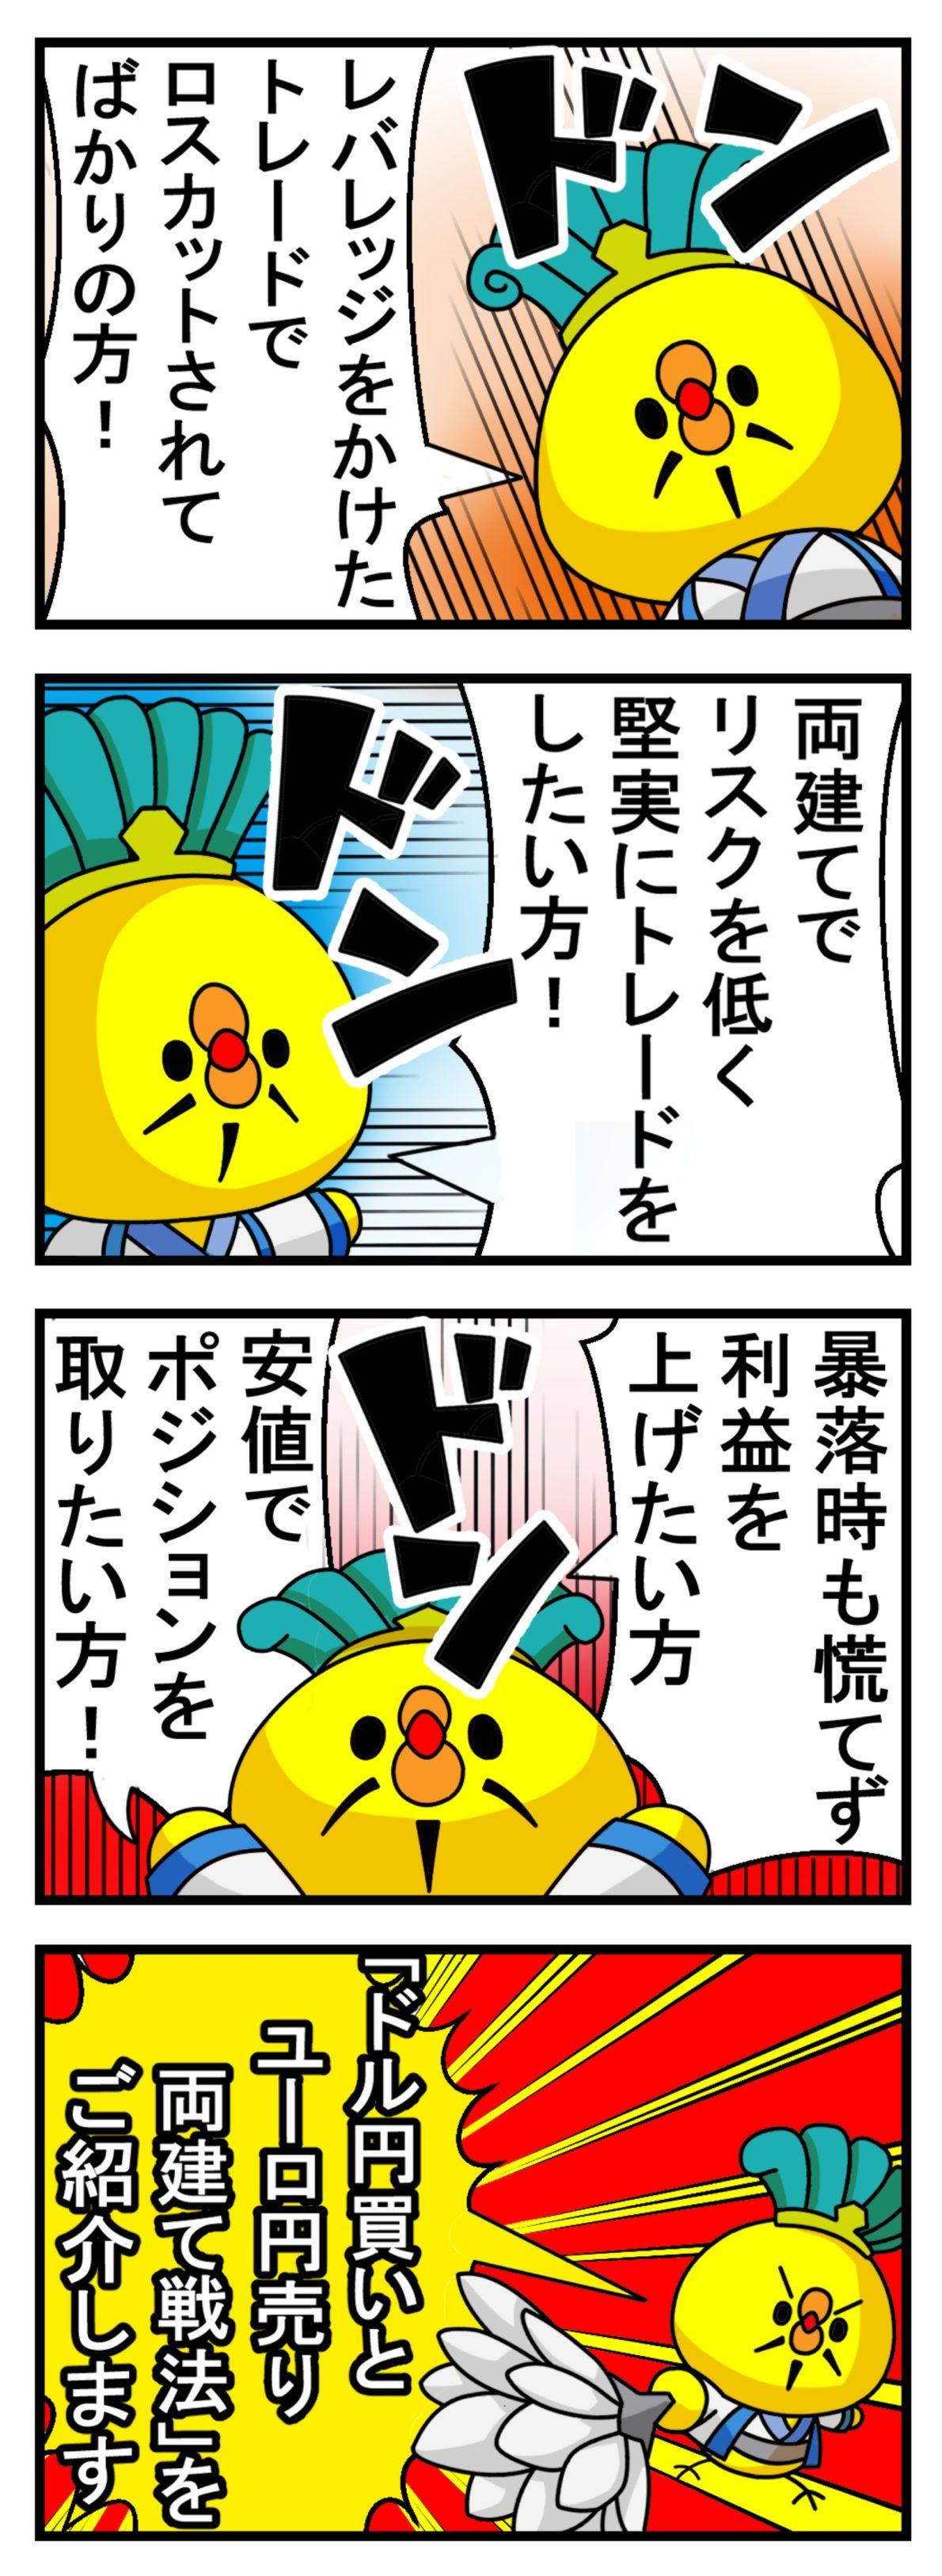 ドル円買いユーロ円売り両建て戦法:ハイリターン投資ROCK